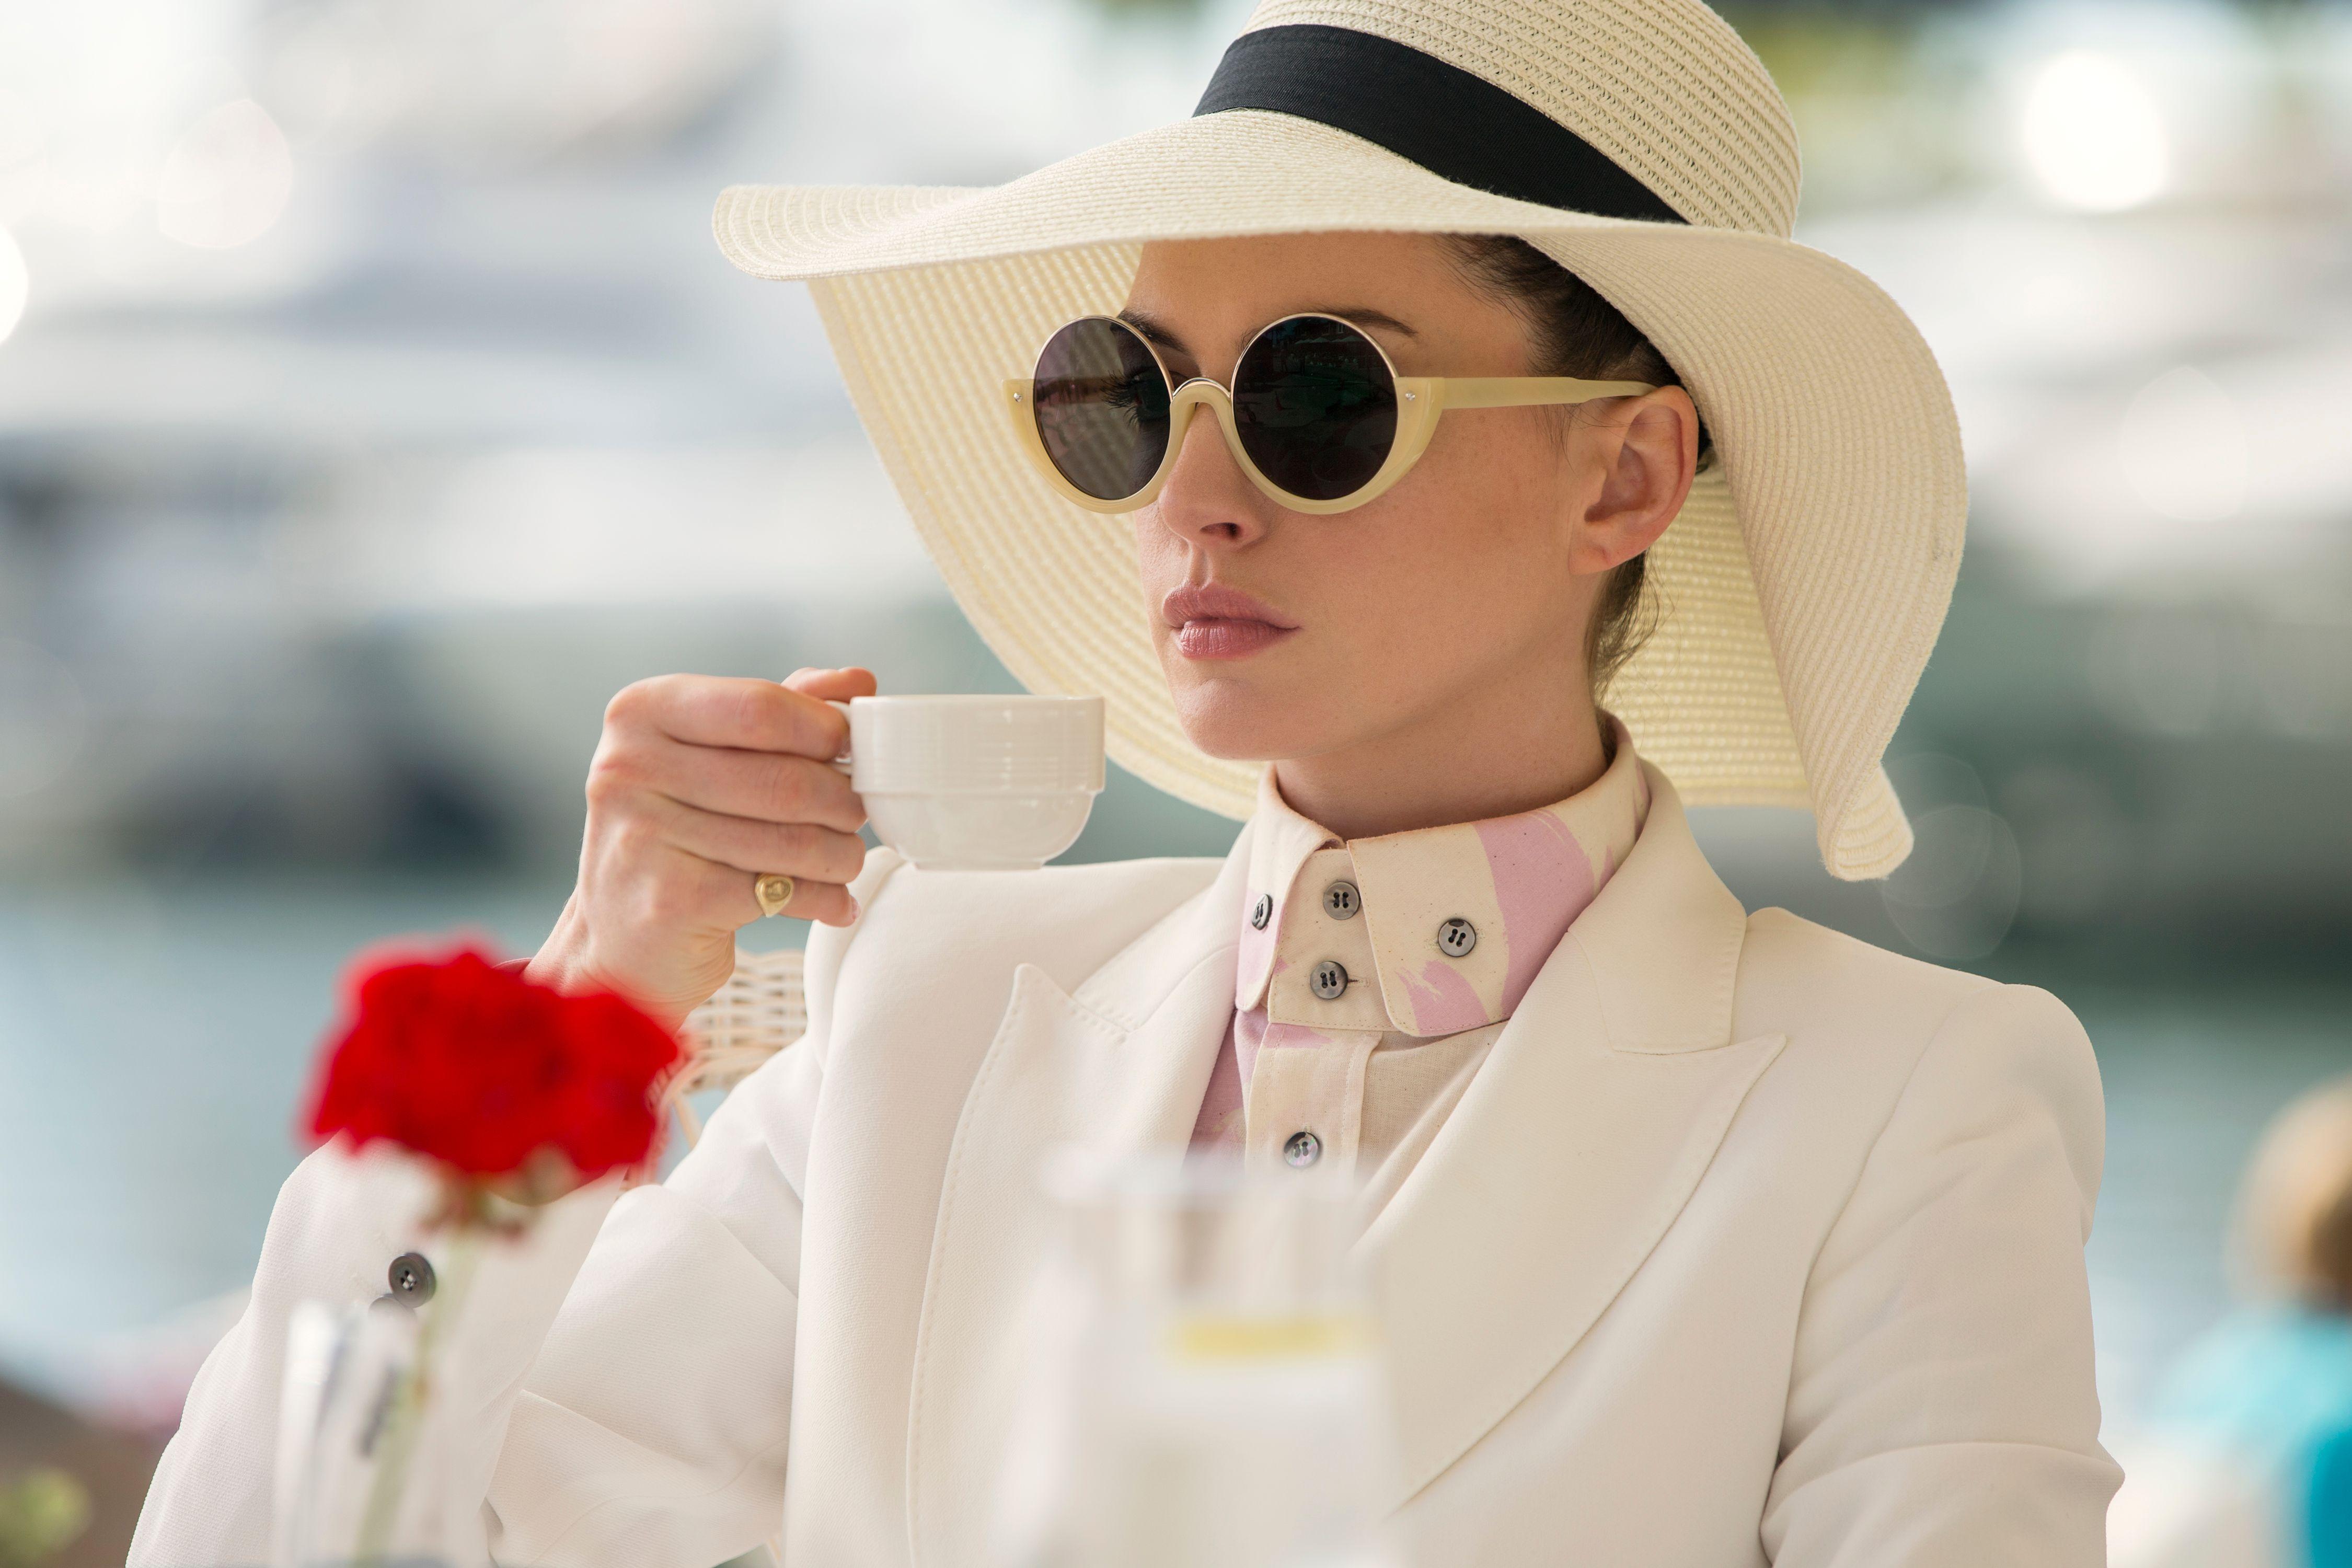 diễn viên Anne Hathaway diện âu phục trắng, sơmi cài cùng mũ rộng vành và kính mát đen gọng tròn